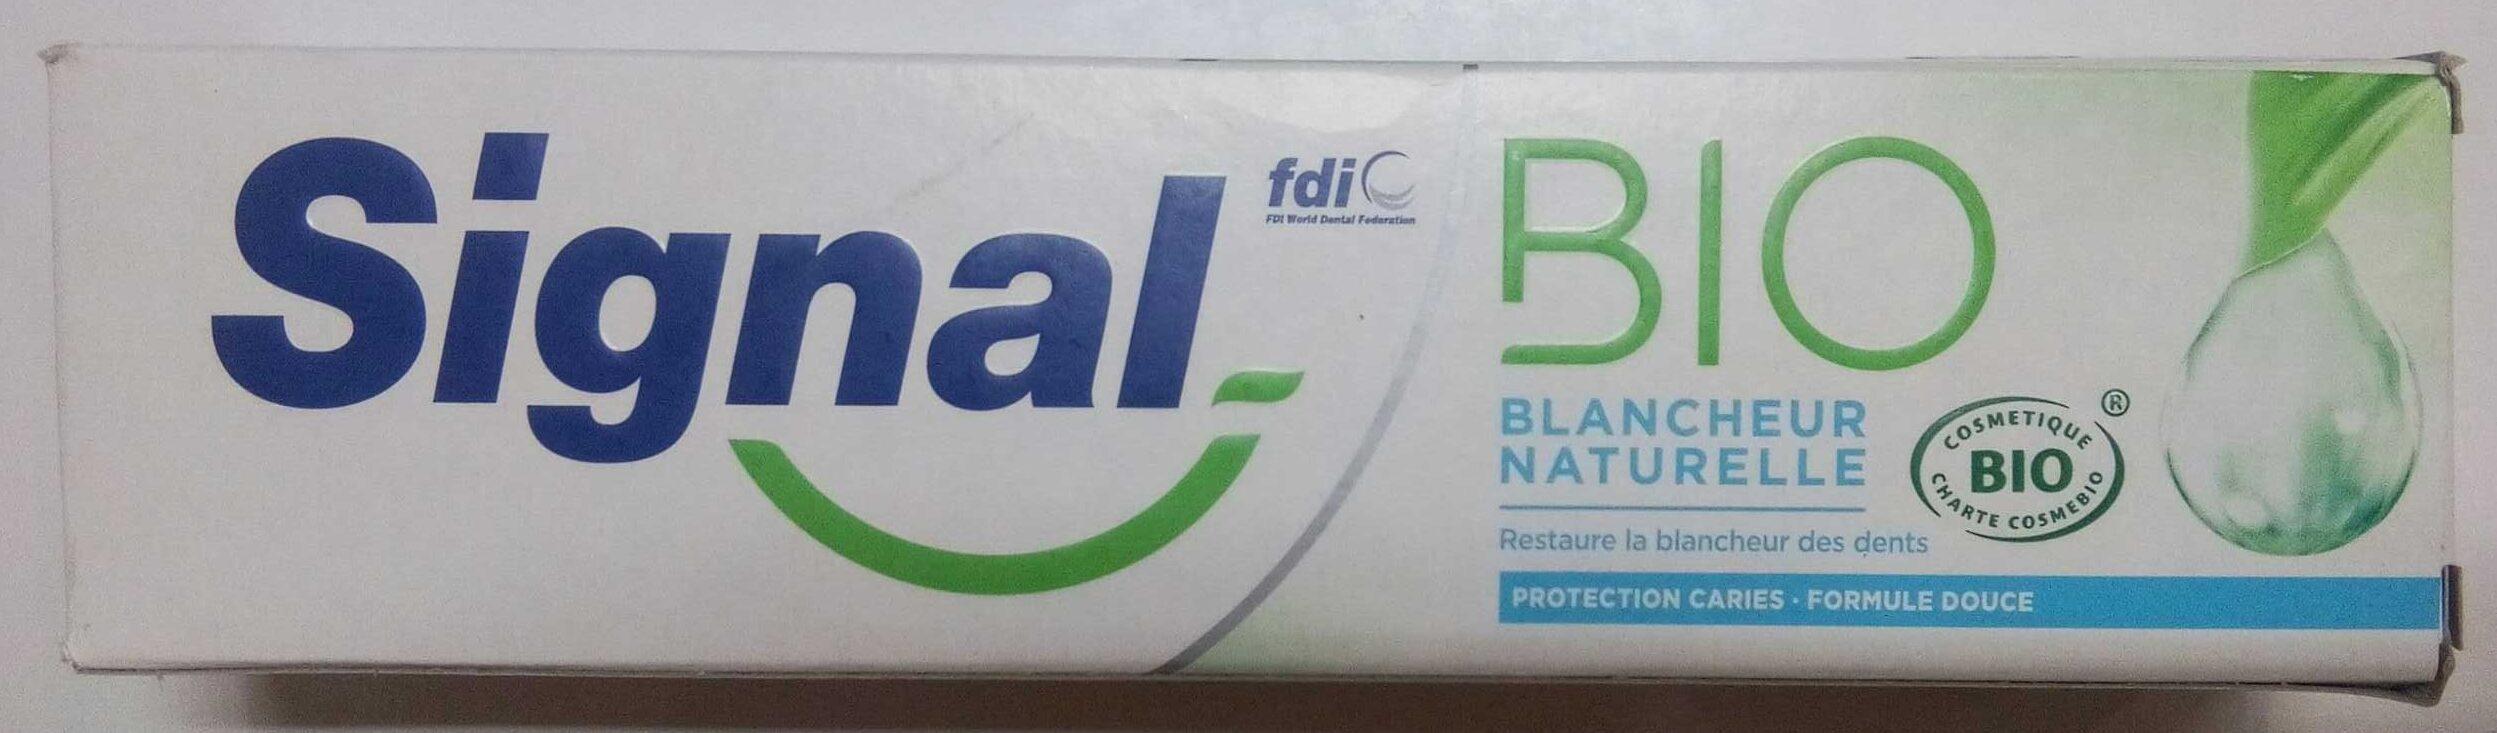 Bio Blancheur naturelle - Product - fr